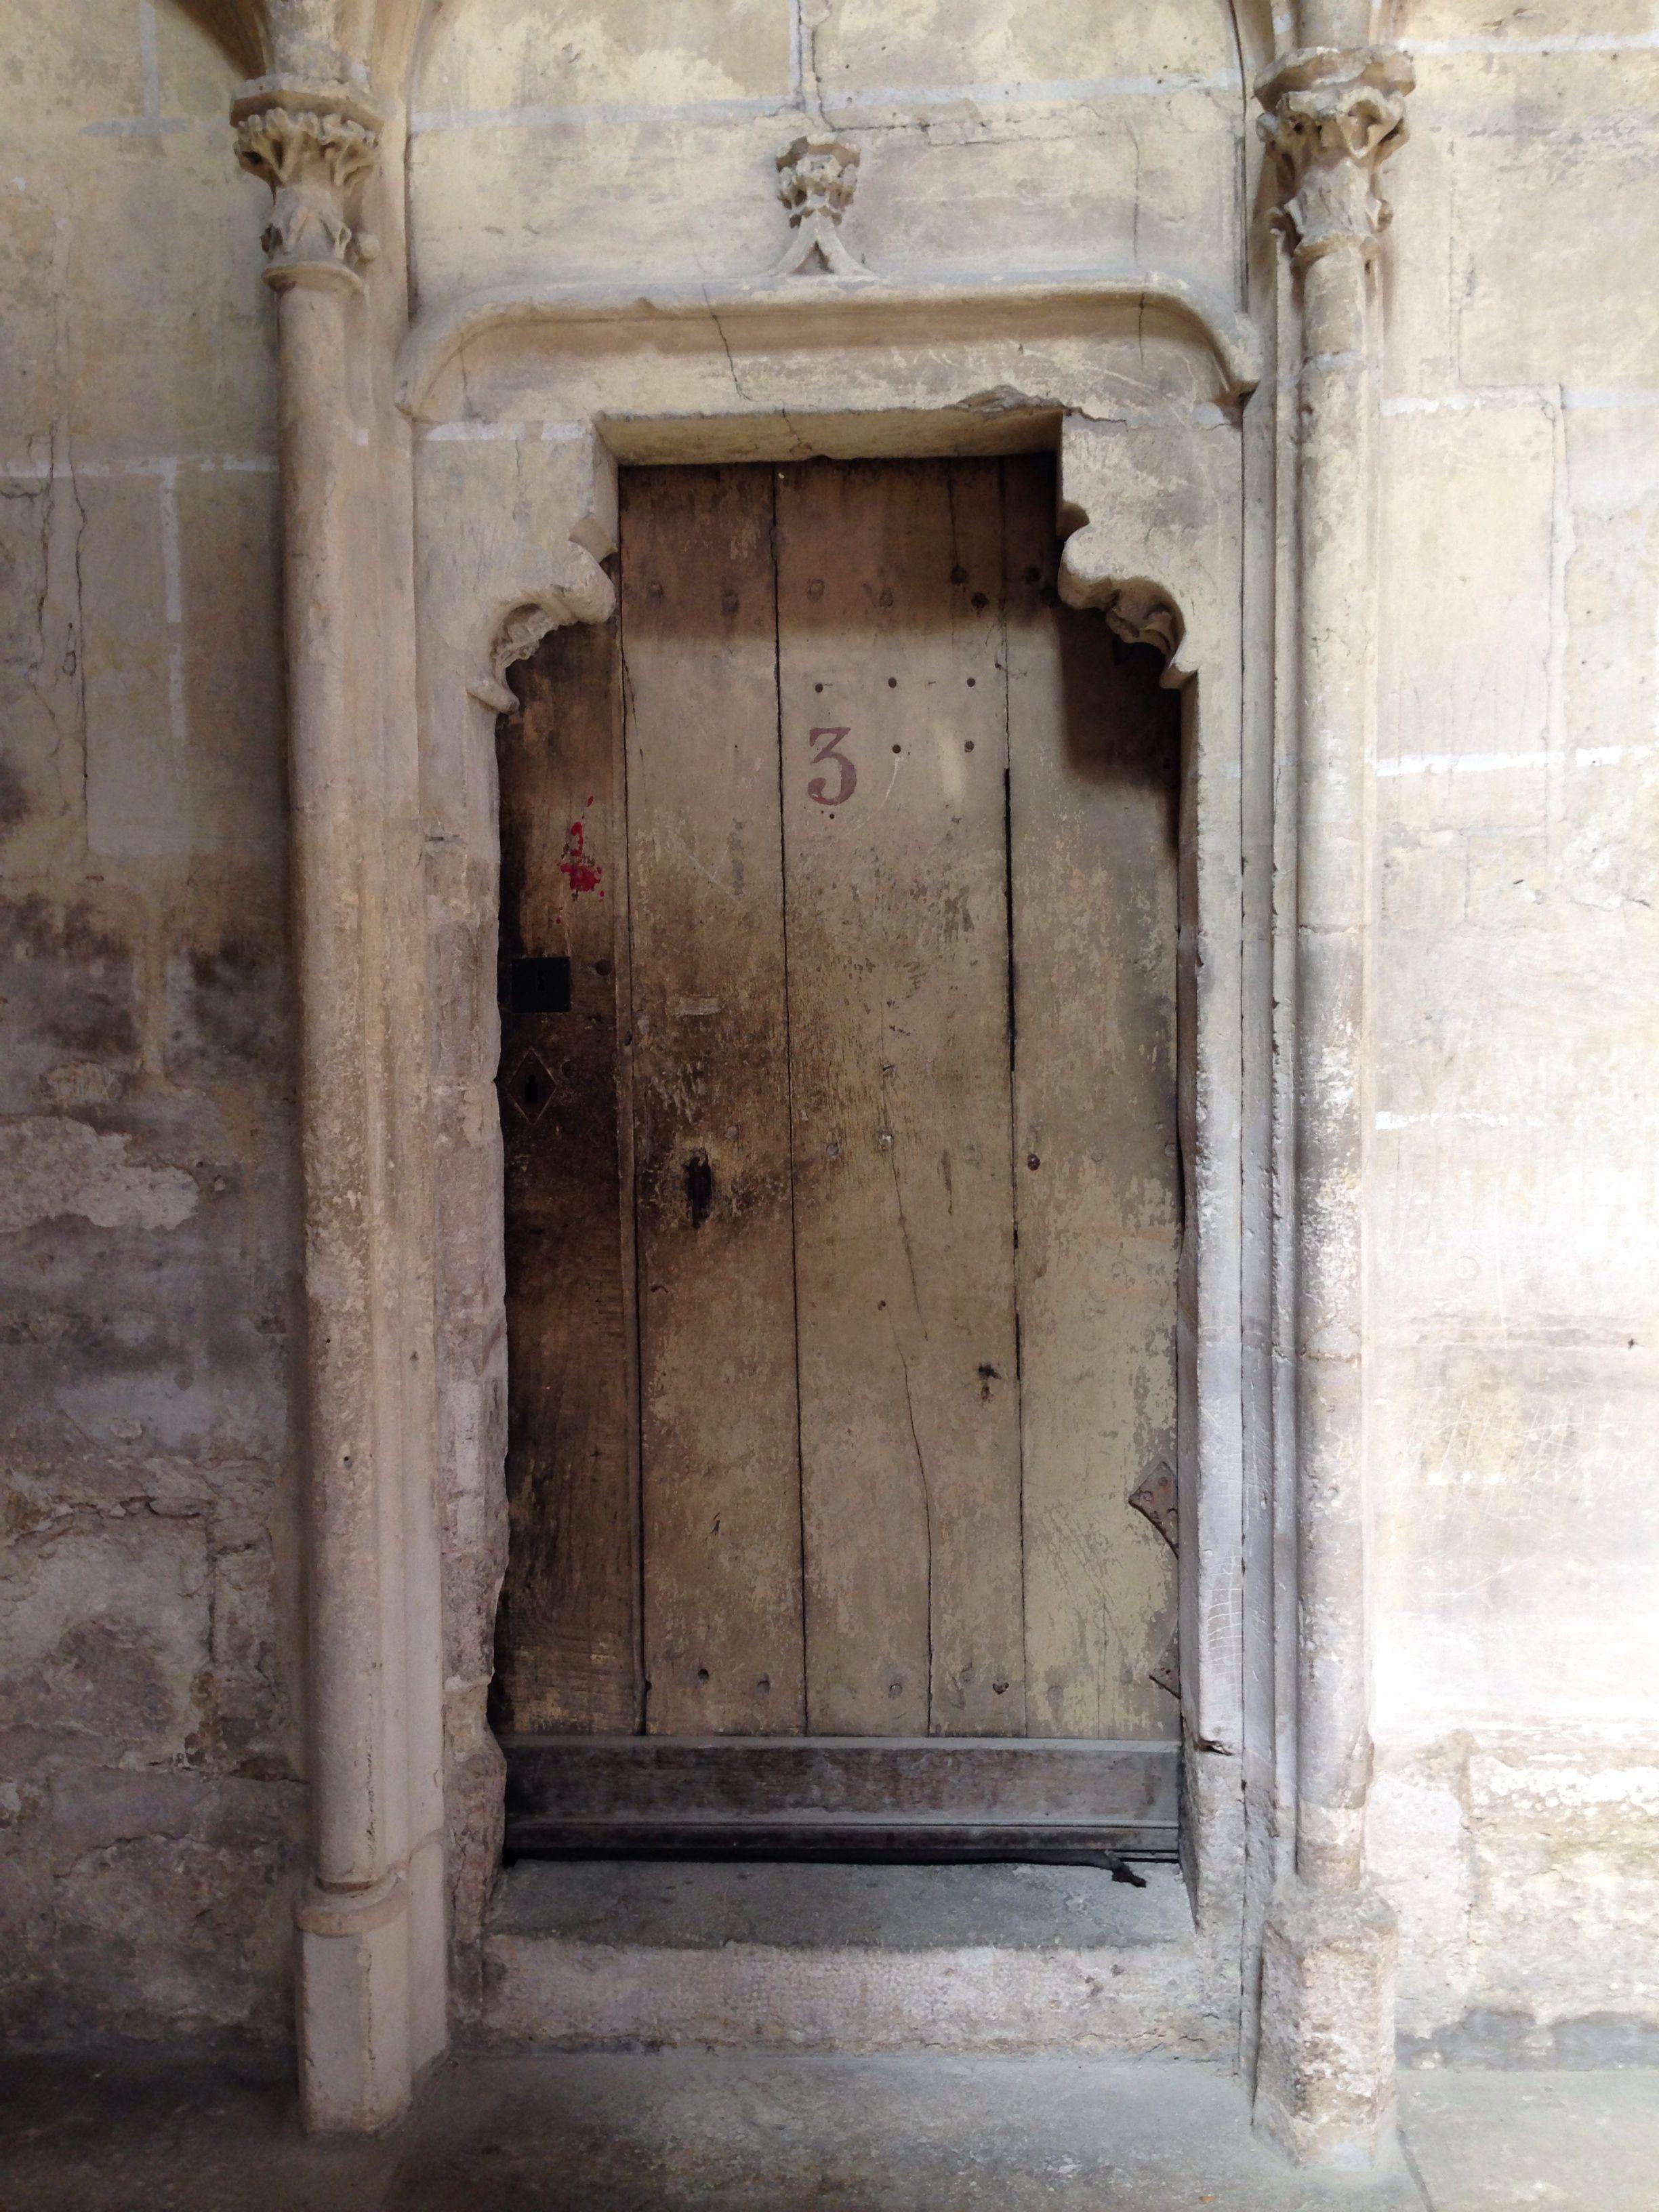 Cathédrale St. Etienne de Meaux, France, construite ente 1175 et 1540, style Gothique. Crédit photo Nihil XIII